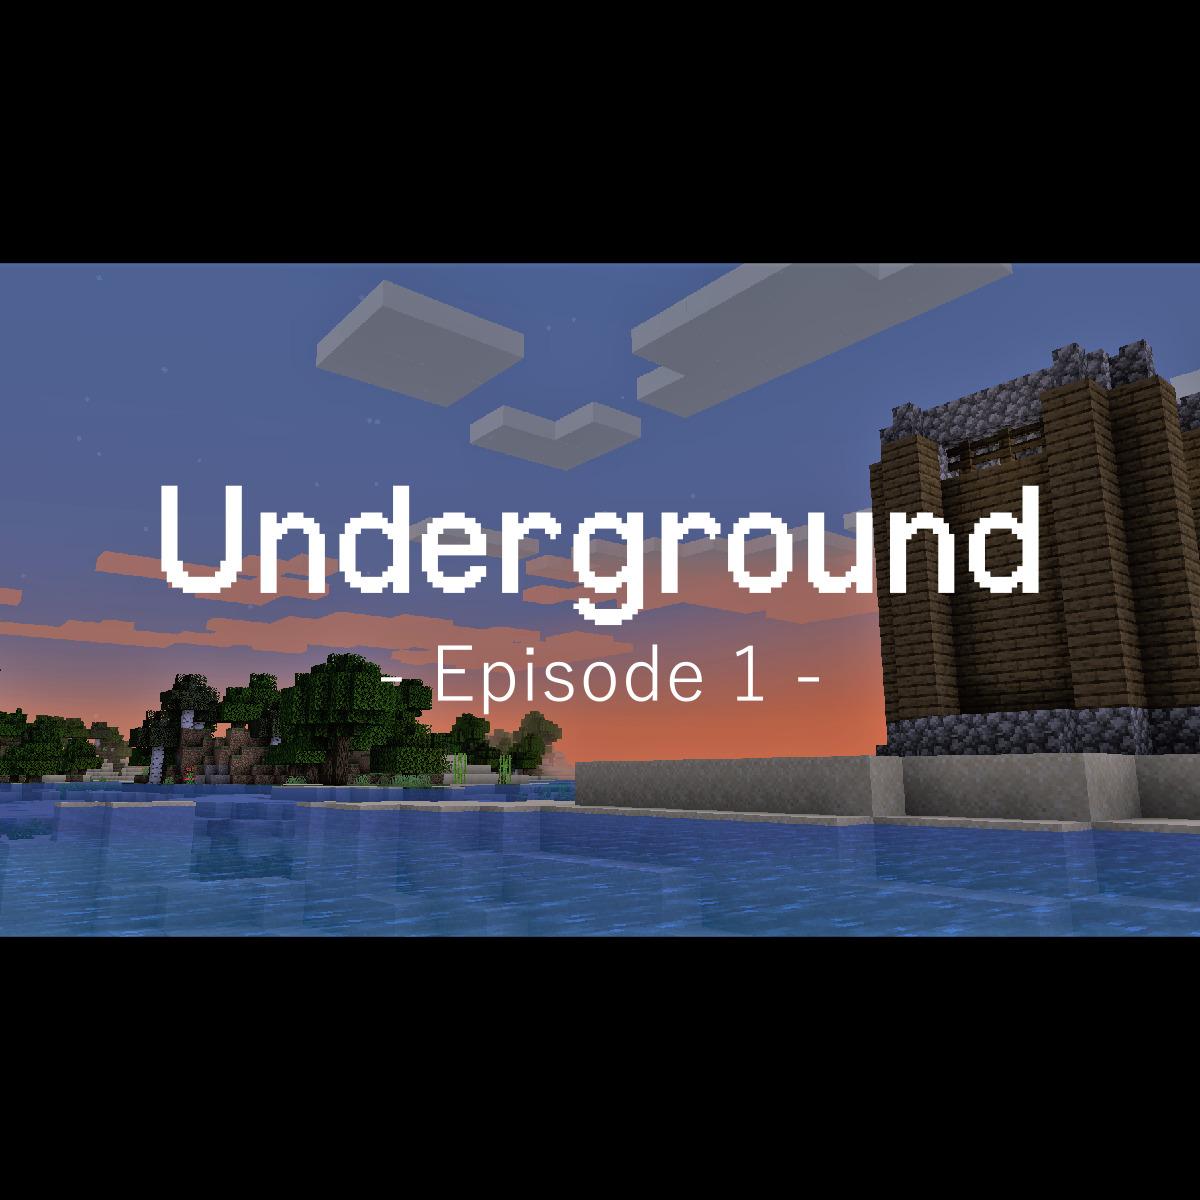 underground_logo_1200x1200-cbfd2d4b